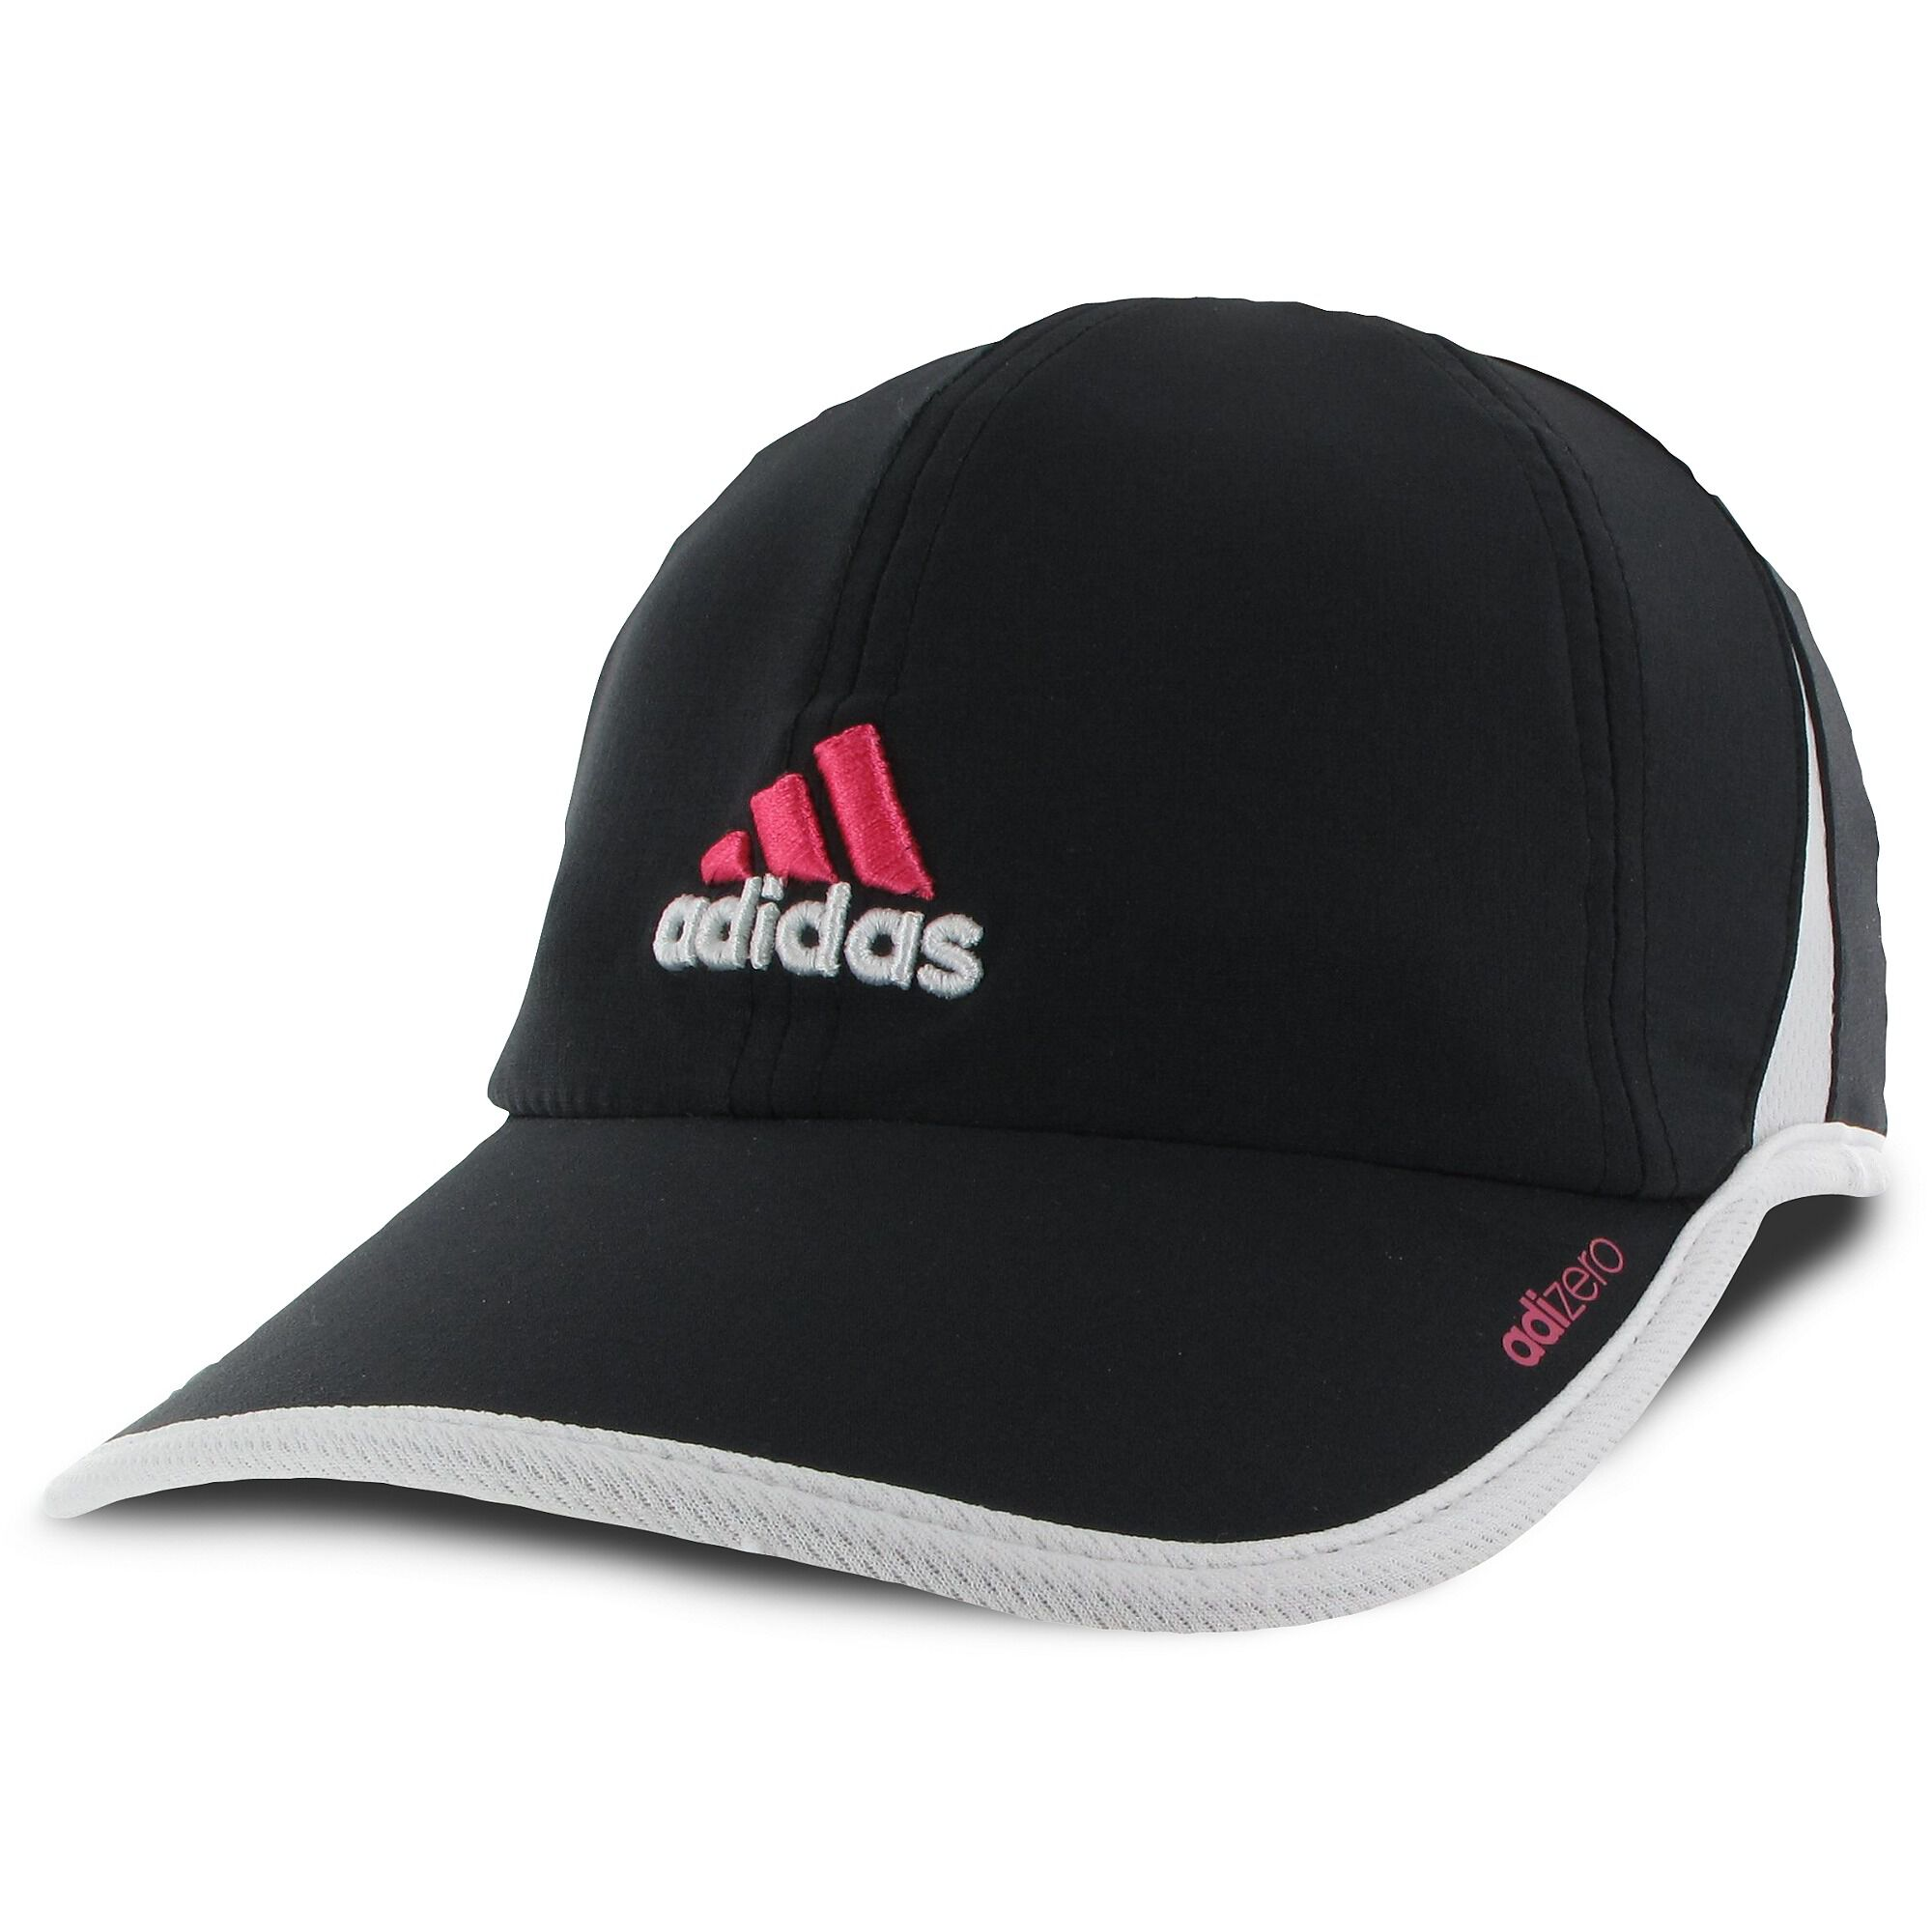 adidas adizero camo running hat